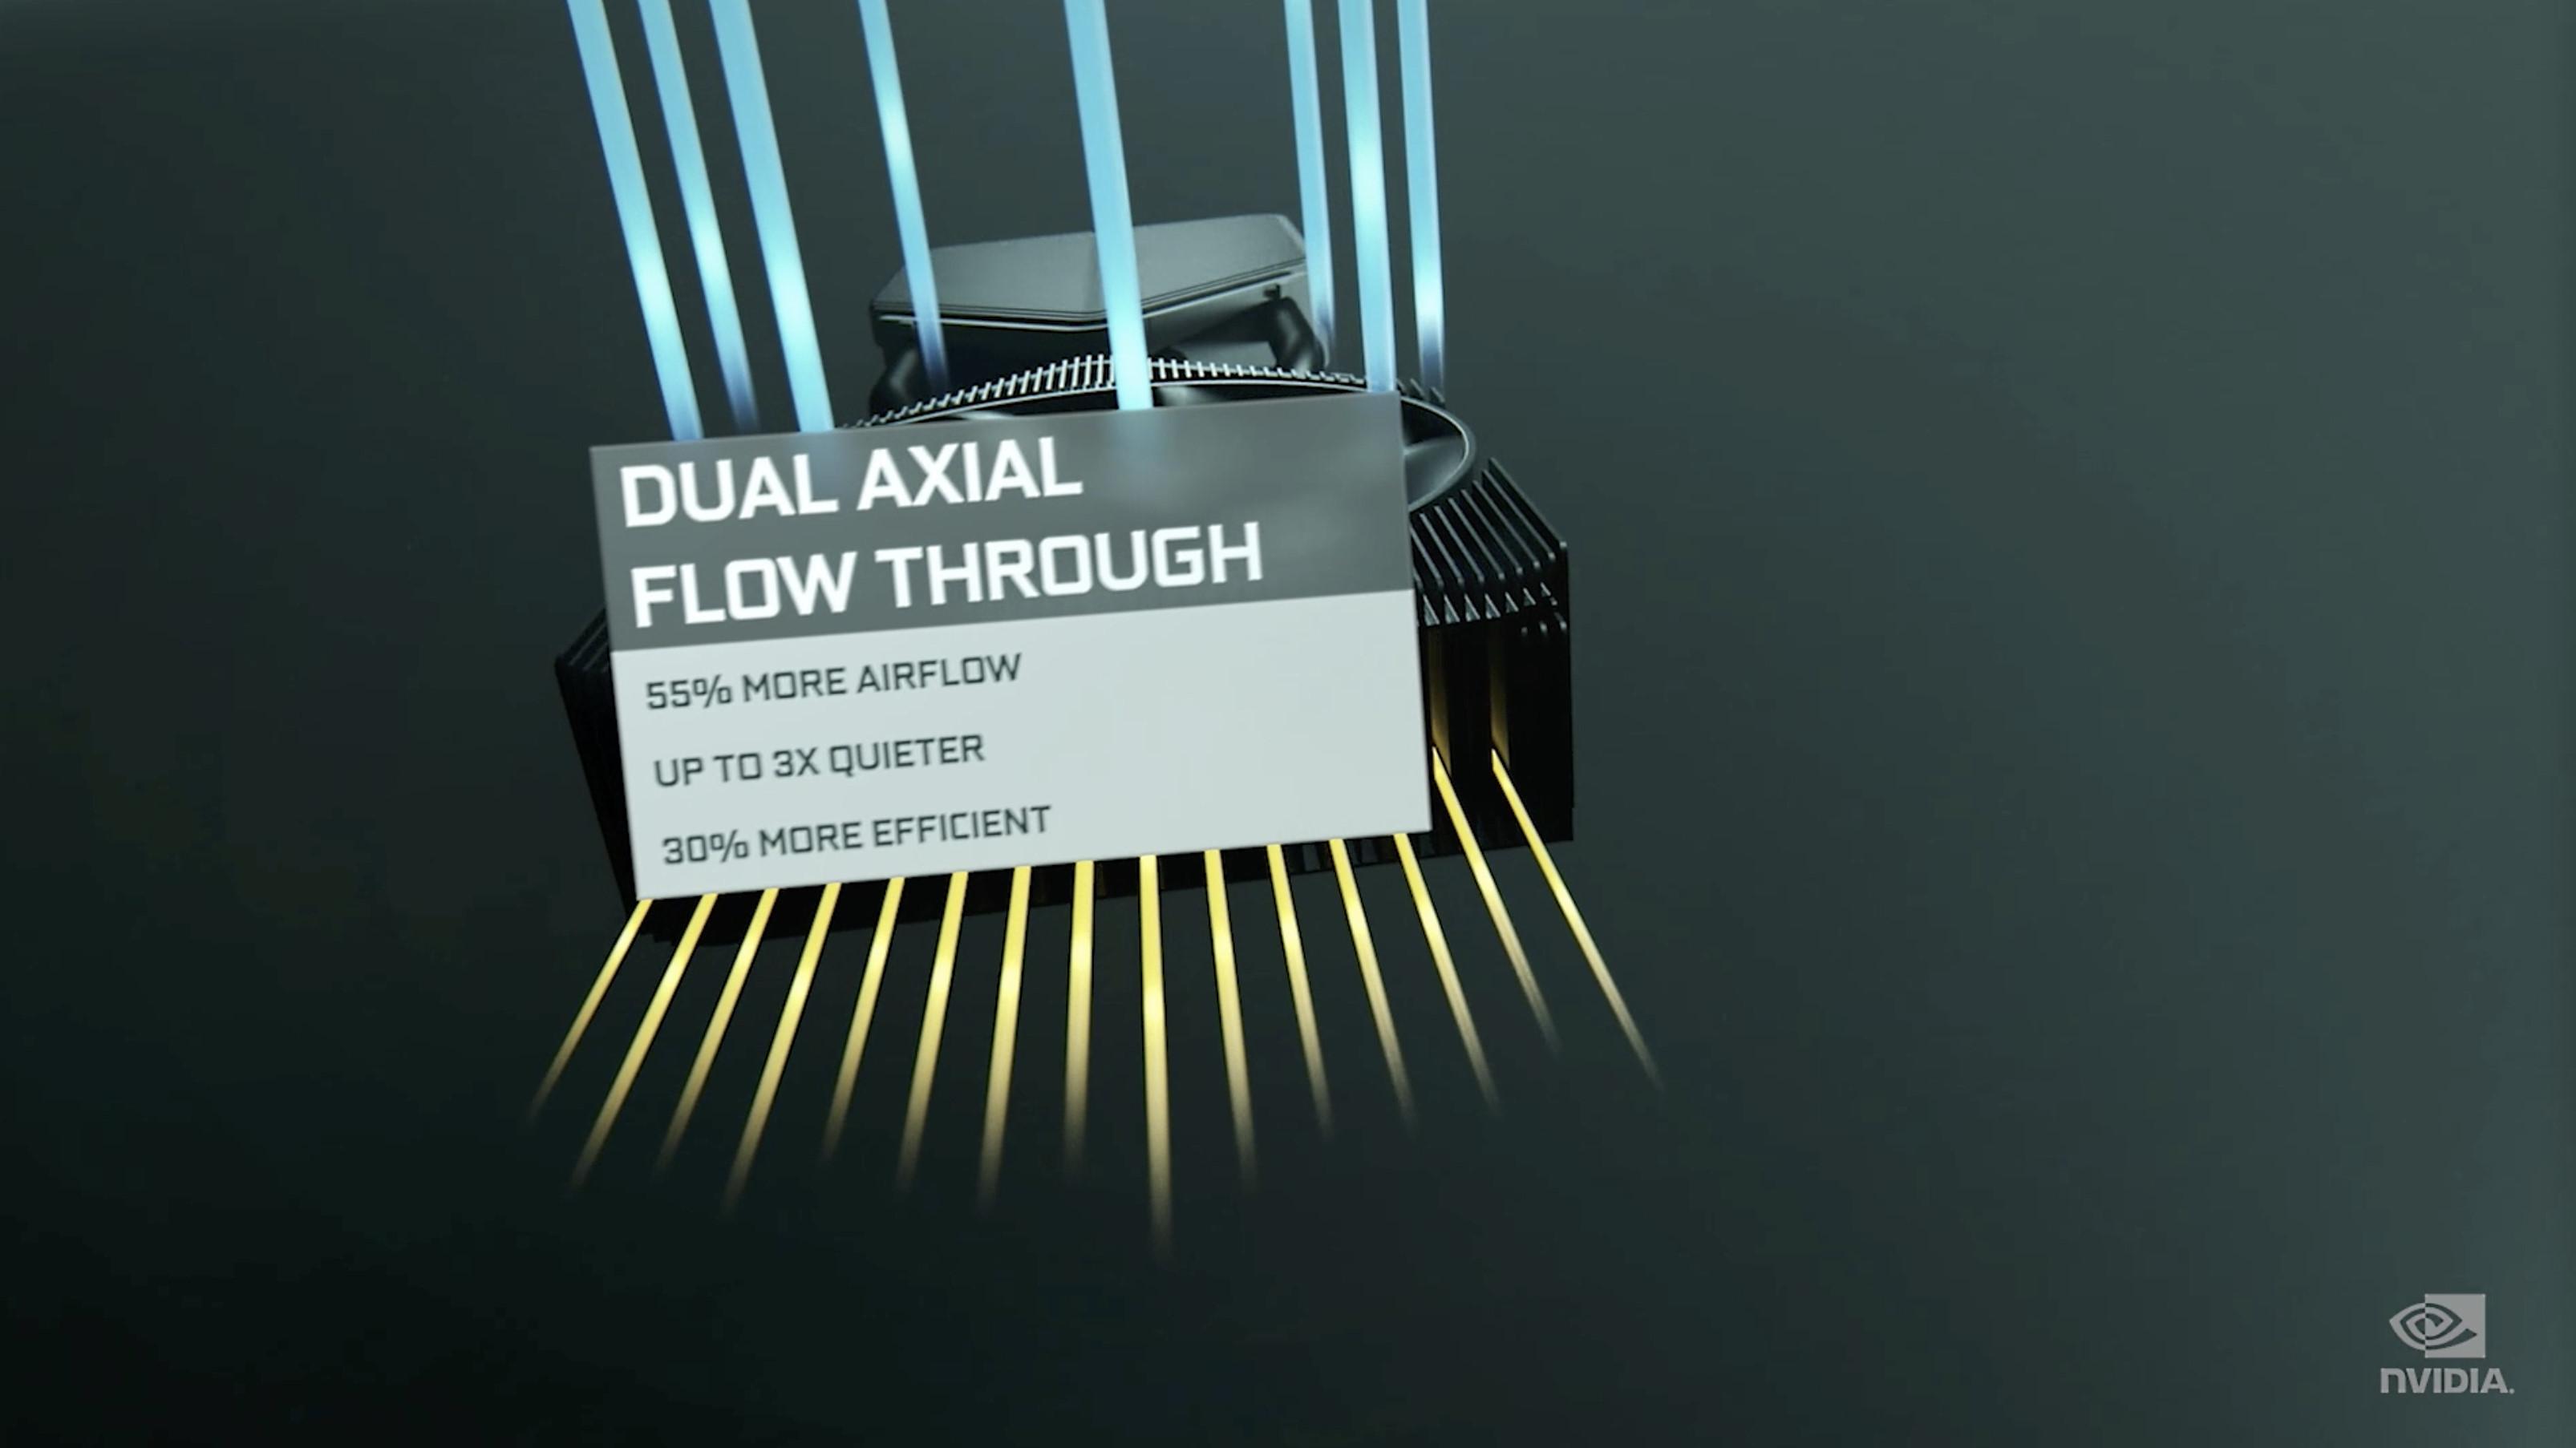 Enfriador axial dual